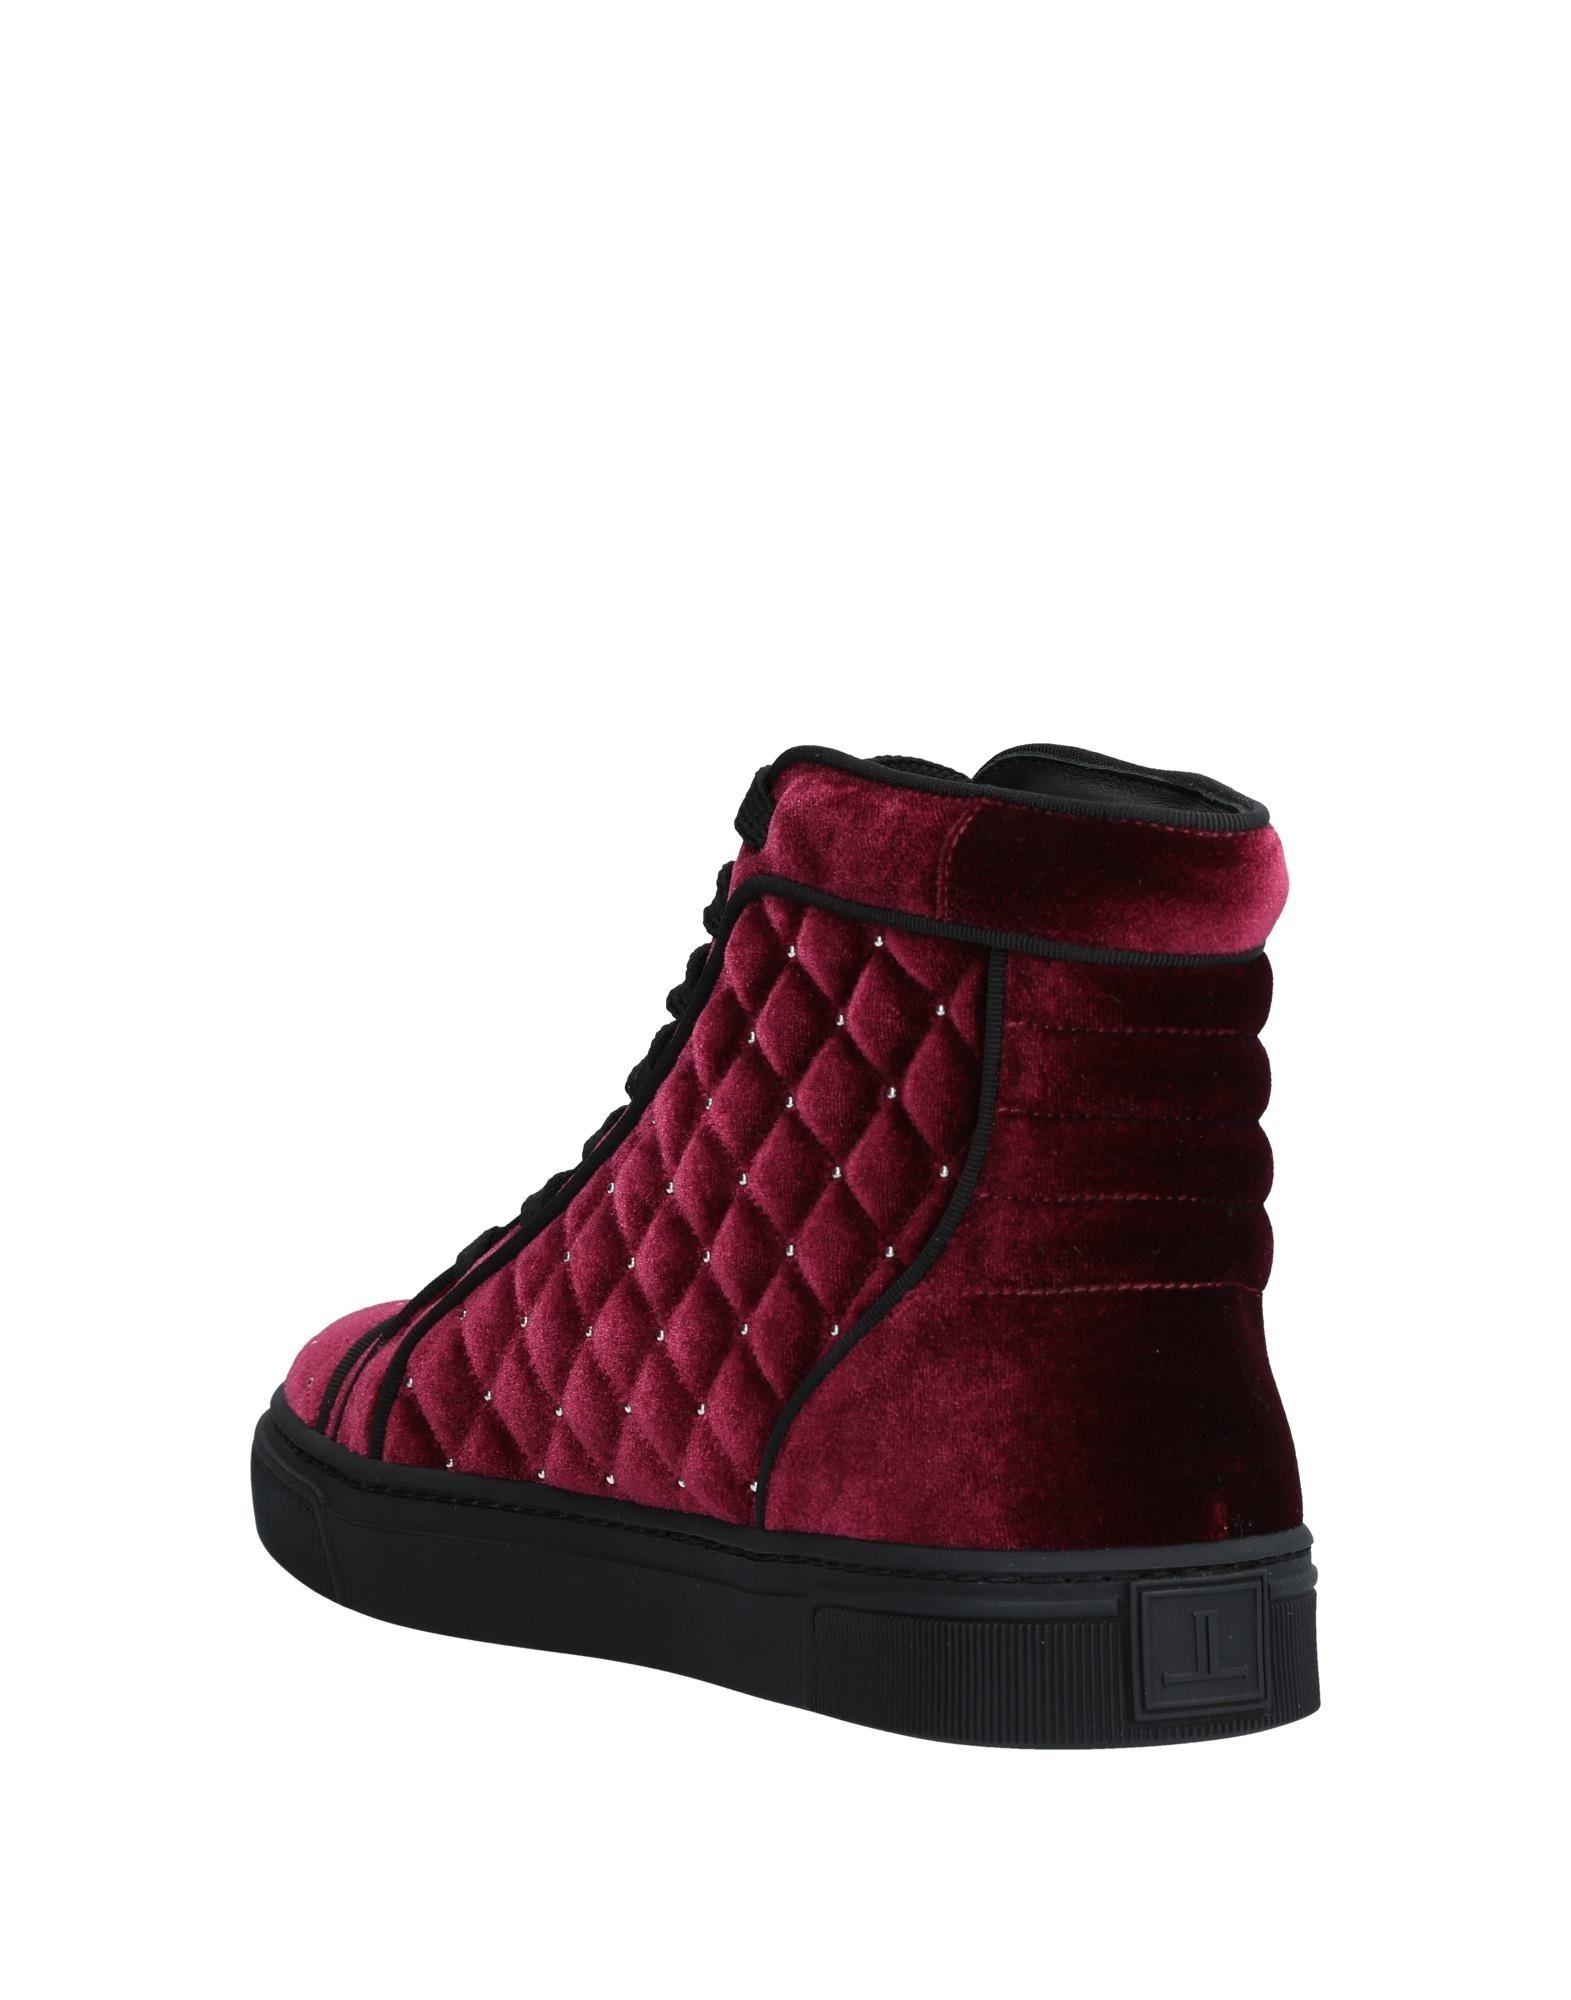 Louis Leeman Sneakers Herren    11542745FJ Gute Qualität beliebte Schuhe 4ec773